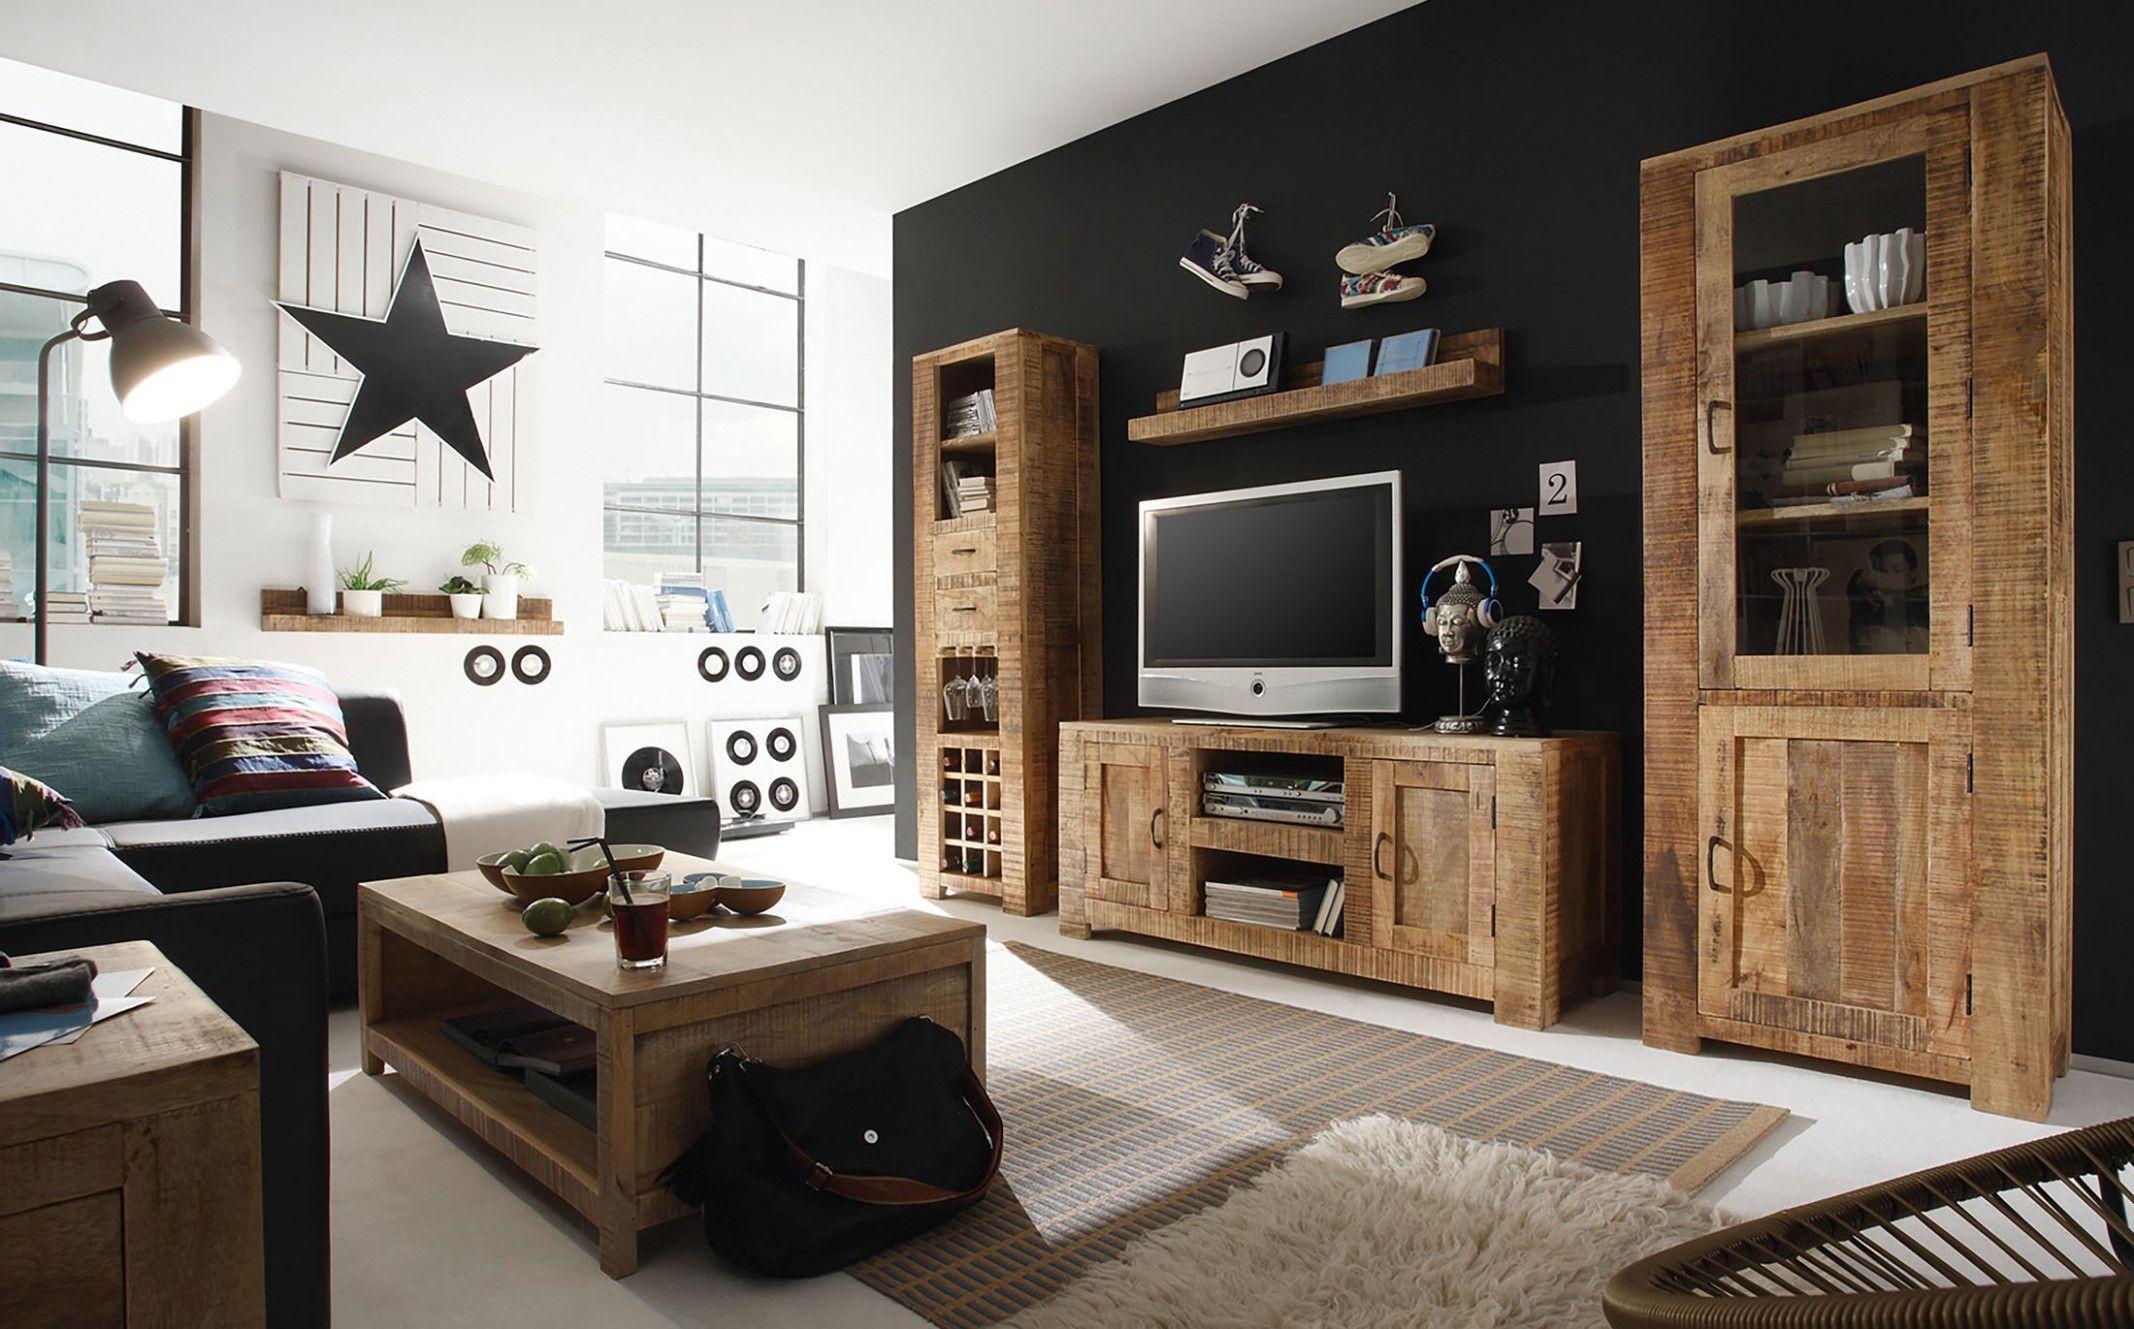 9 Wohnzimmerschrank Dekoration - HEIMAT IDEEN in 9